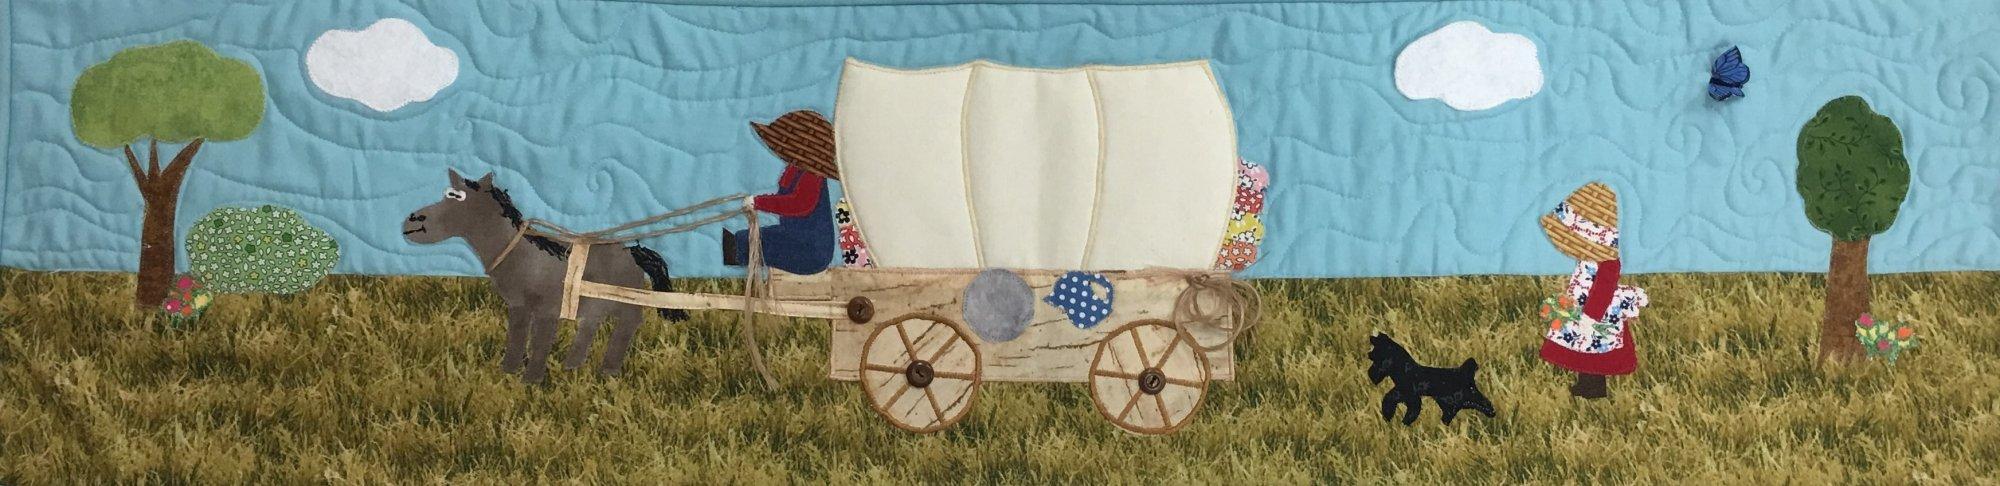 Wagons Ho! Row by Row